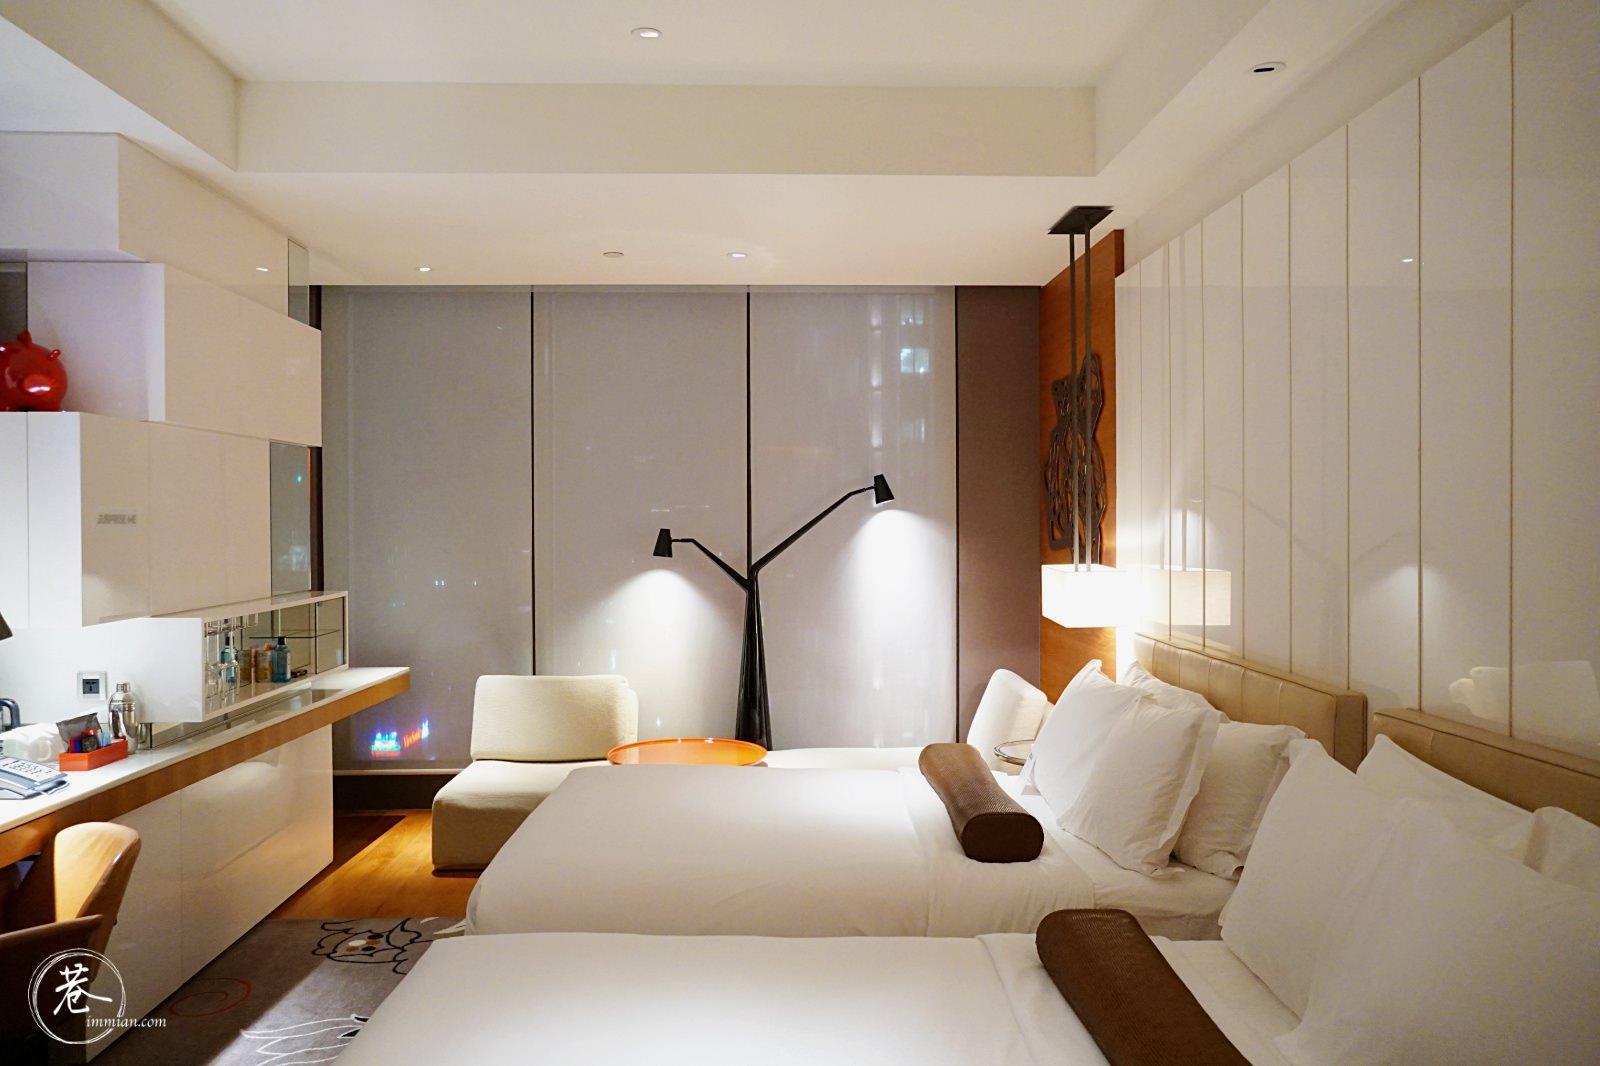 【臺北住宿】W Hotel Taipei。走在潮流尖端的五星級設計飯店 - 巷子裡的生活